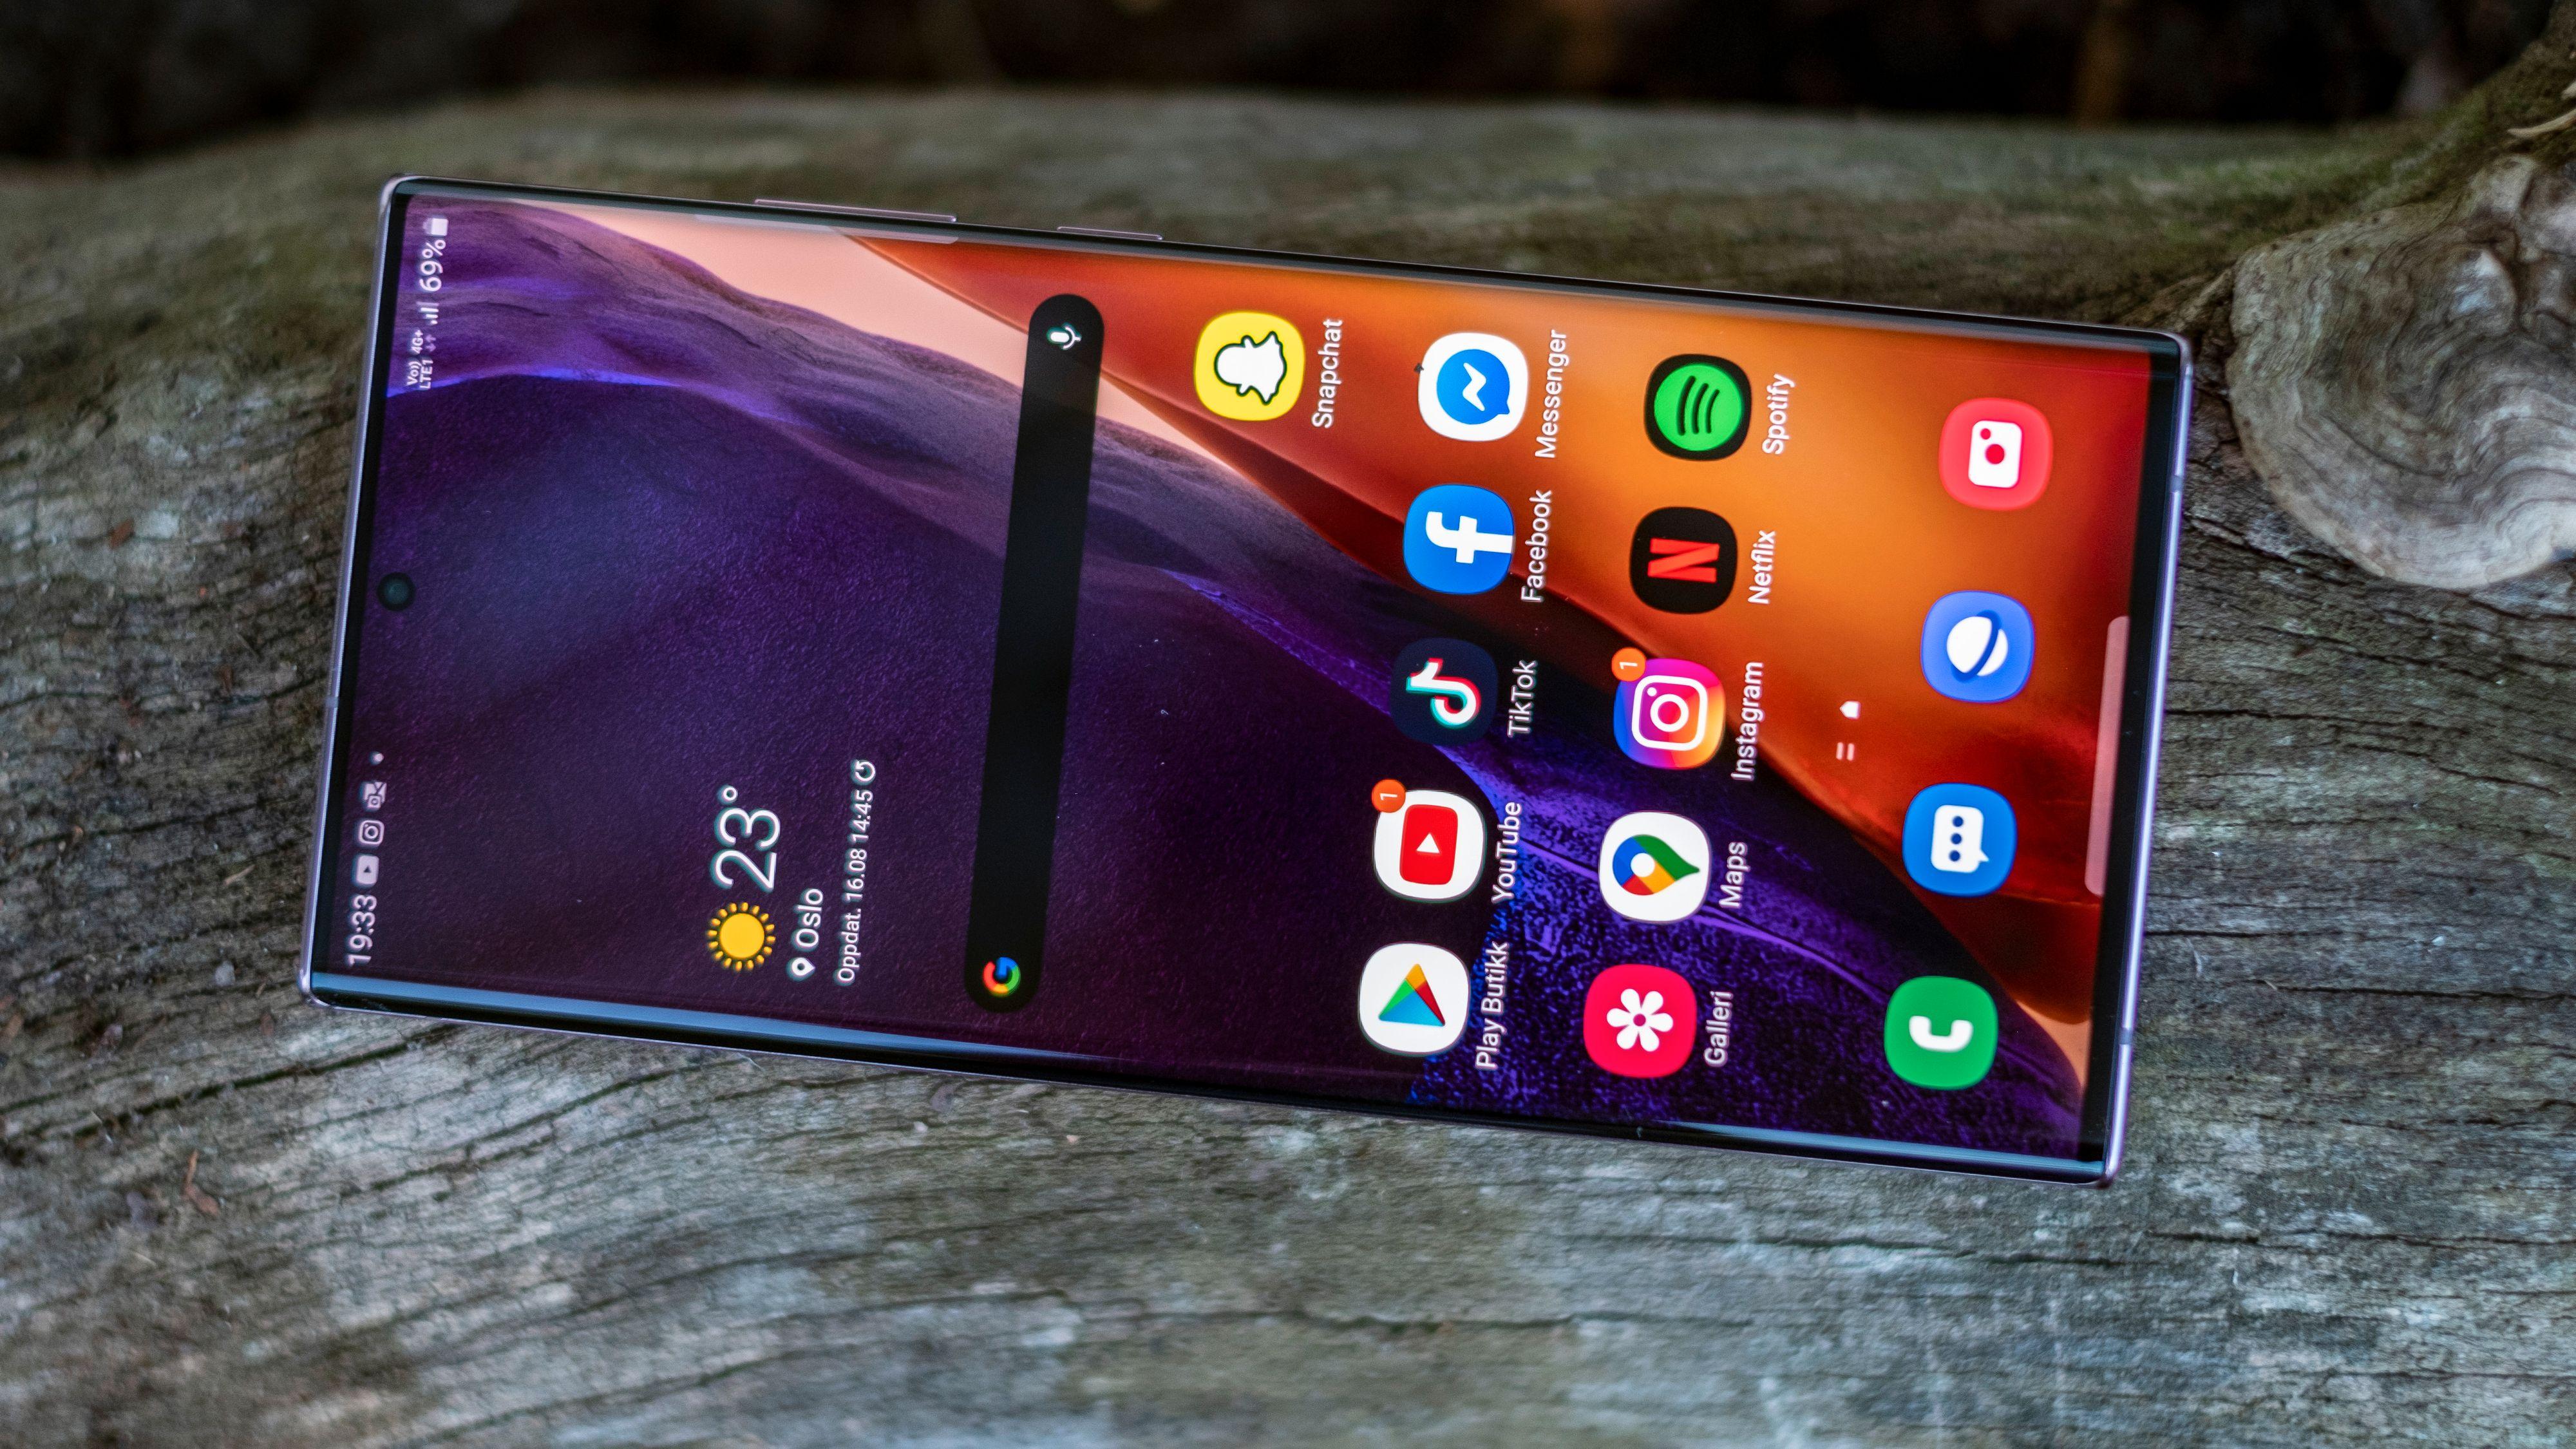 Samsung har laget den sannsynligvis beste skjermen vi har sett i noen mobil. Her kan de kunsten å lage lyssterk, fargeriktig og behagelig skjerm å se på til fingerspissene.